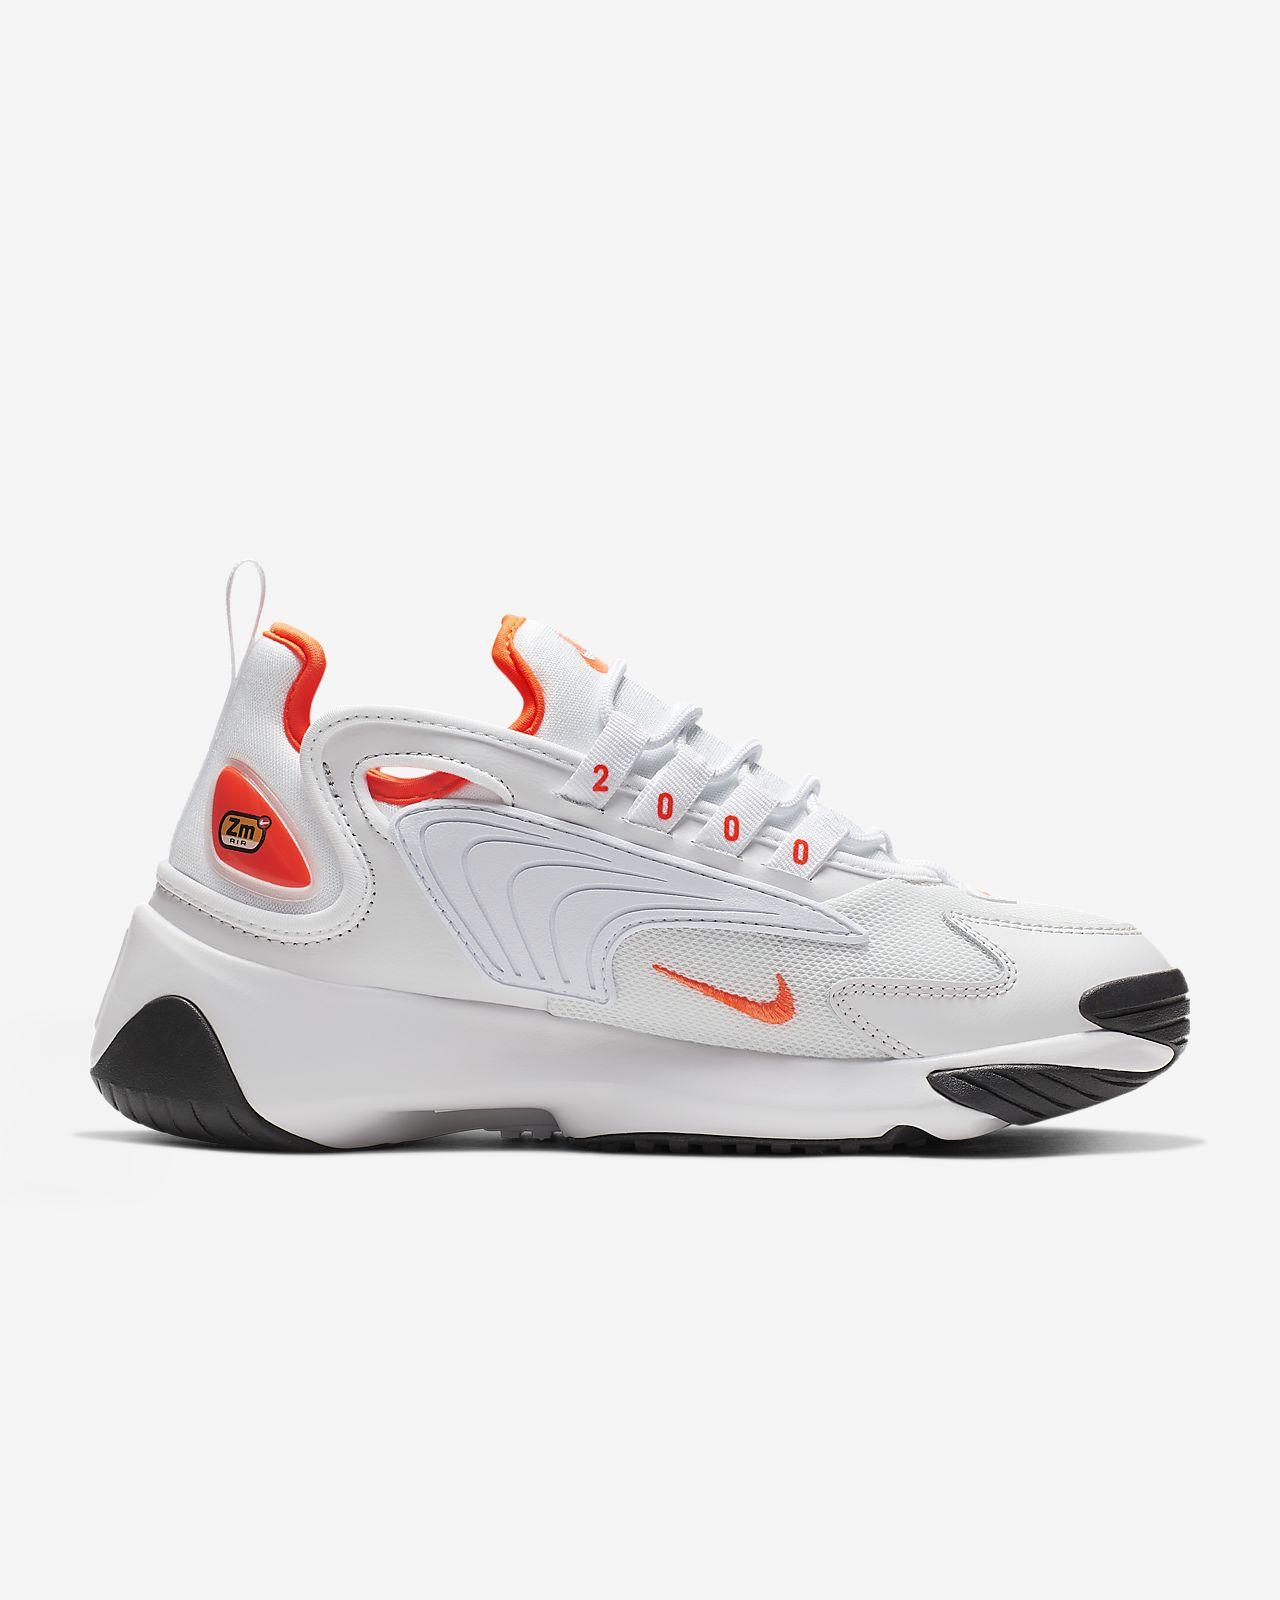 Zoom Scarpe Da Nike Borse E 2k Running Donna 7gyv6Ybf